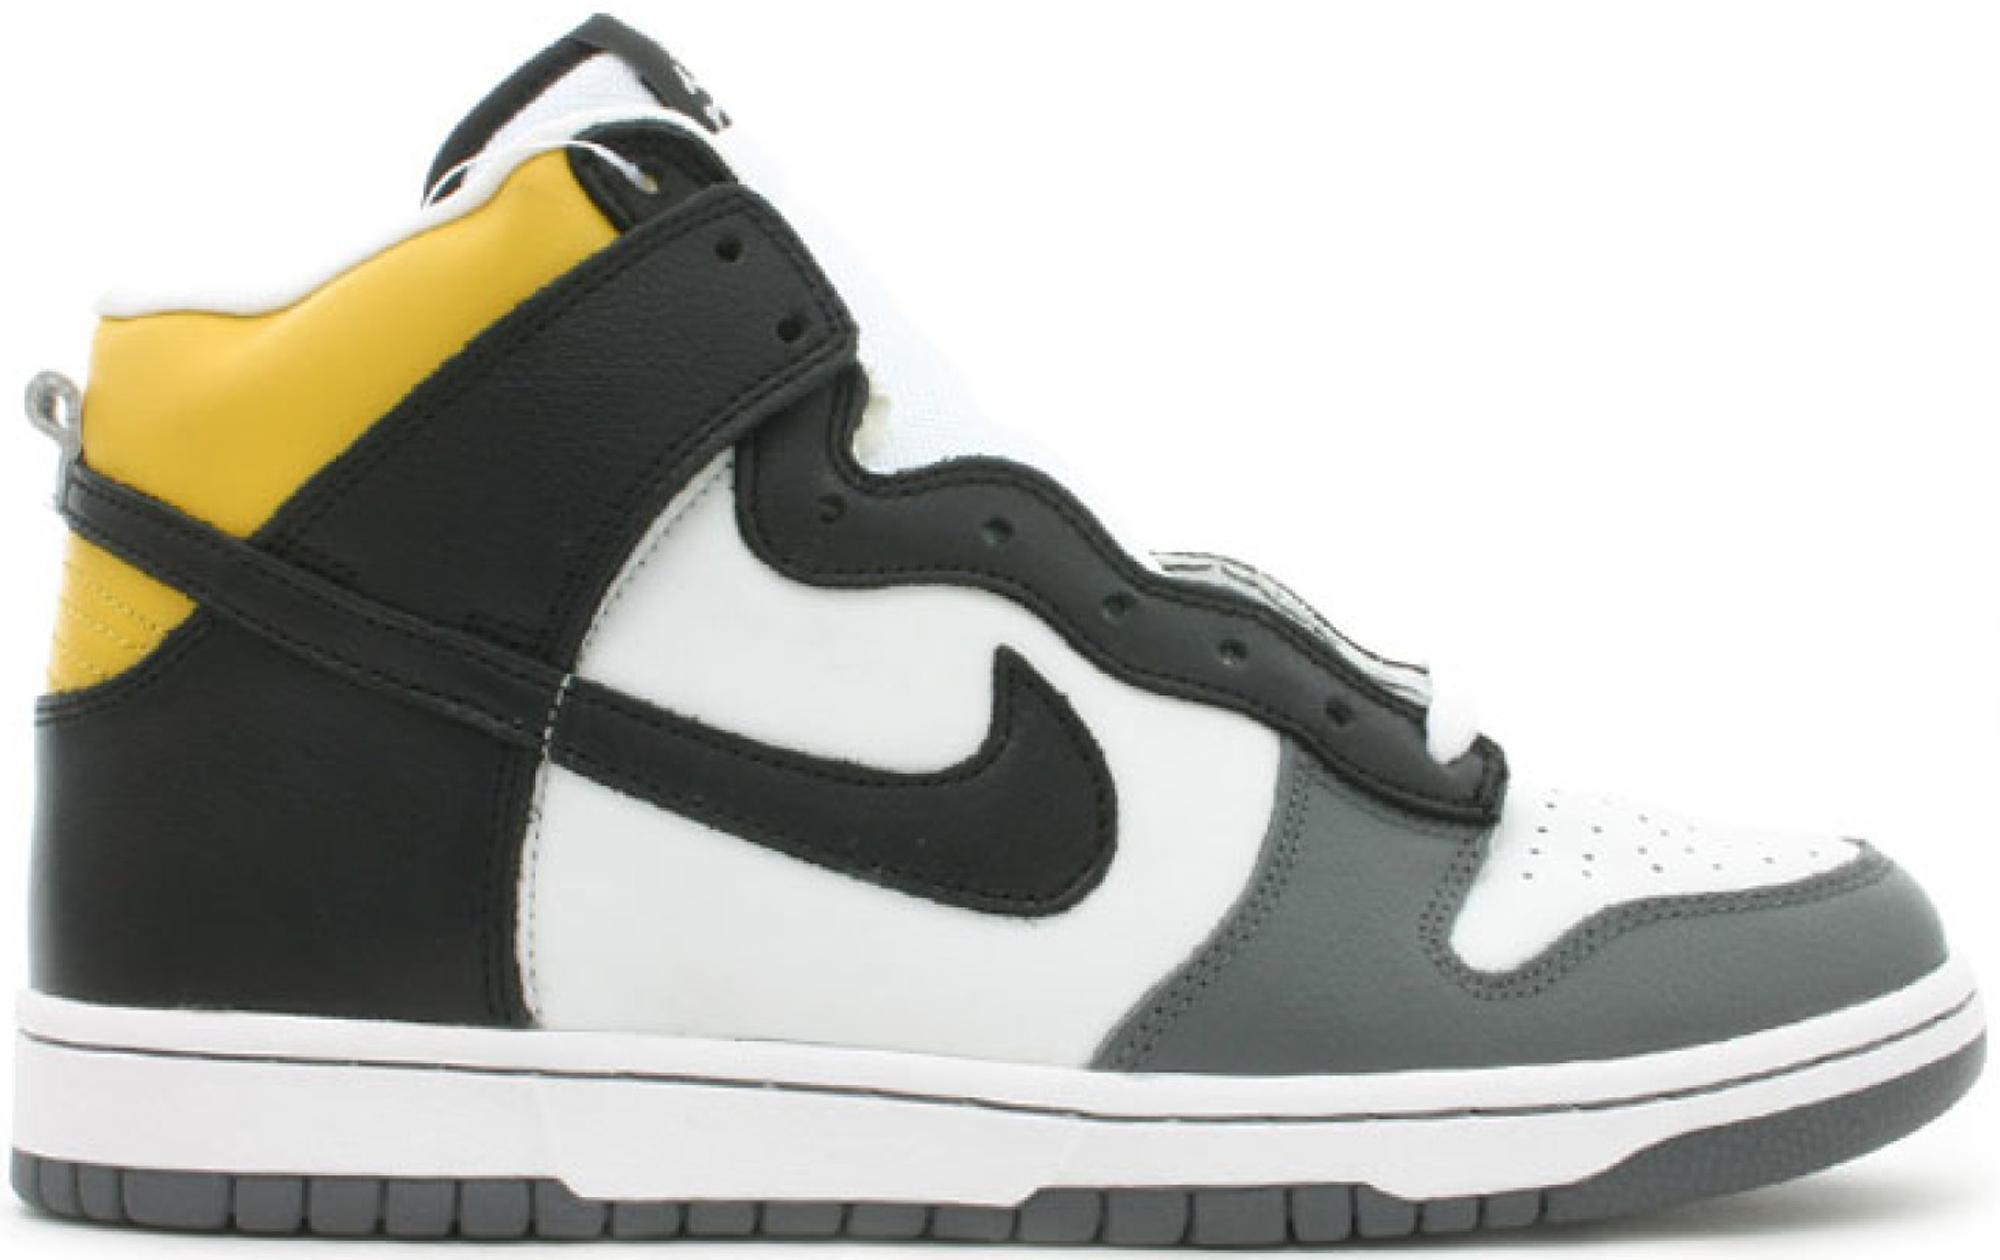 Nike SB Dunk High Daniel Shimizu